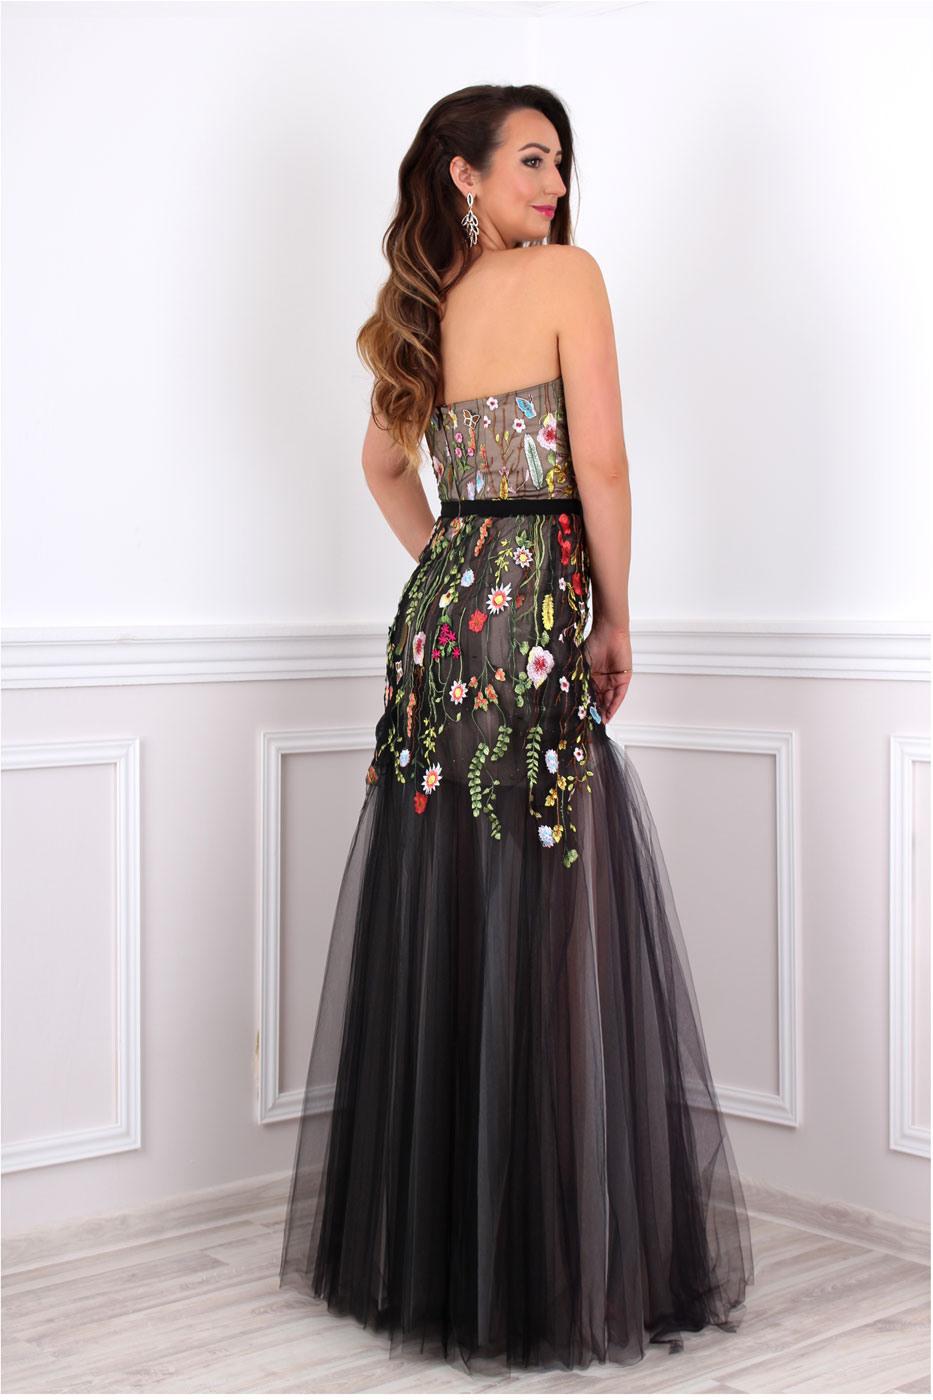 Designer Top Abendkleid Blumen für 201917 Schön Abendkleid Blumen Spezialgebiet